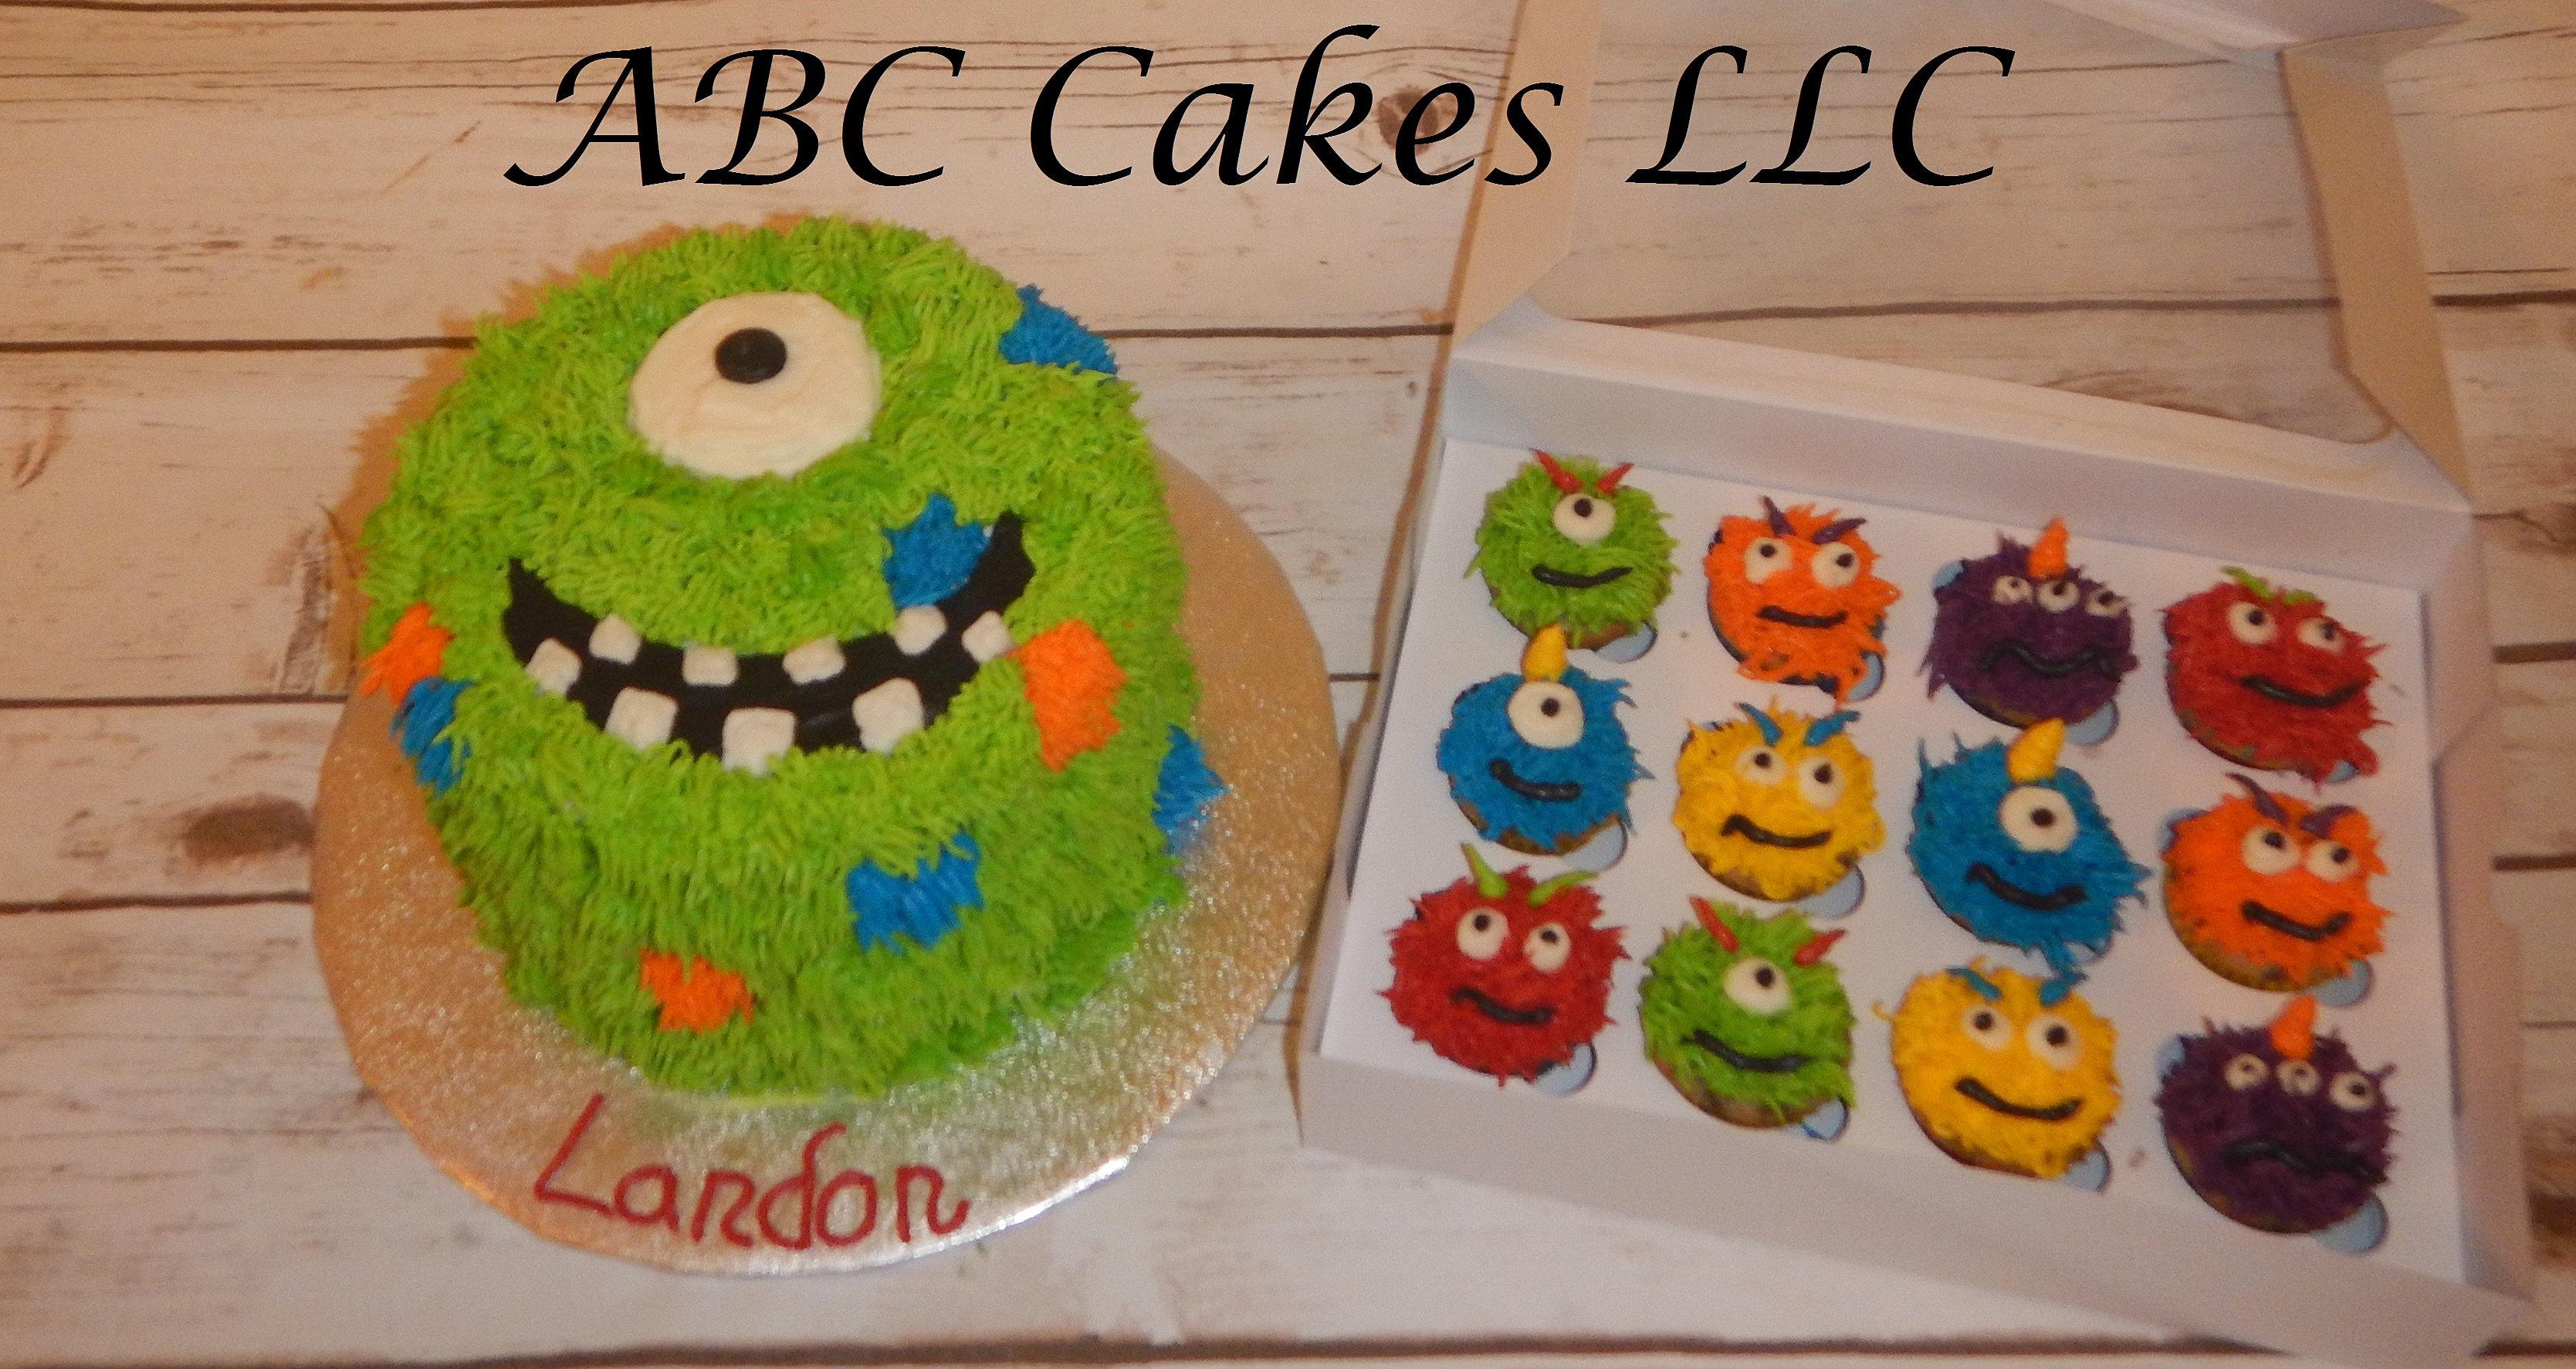 abc cakes llc colorado custom cakes birthday wedding monster smash cake and mini cupcakes - Abc Cake Decorating